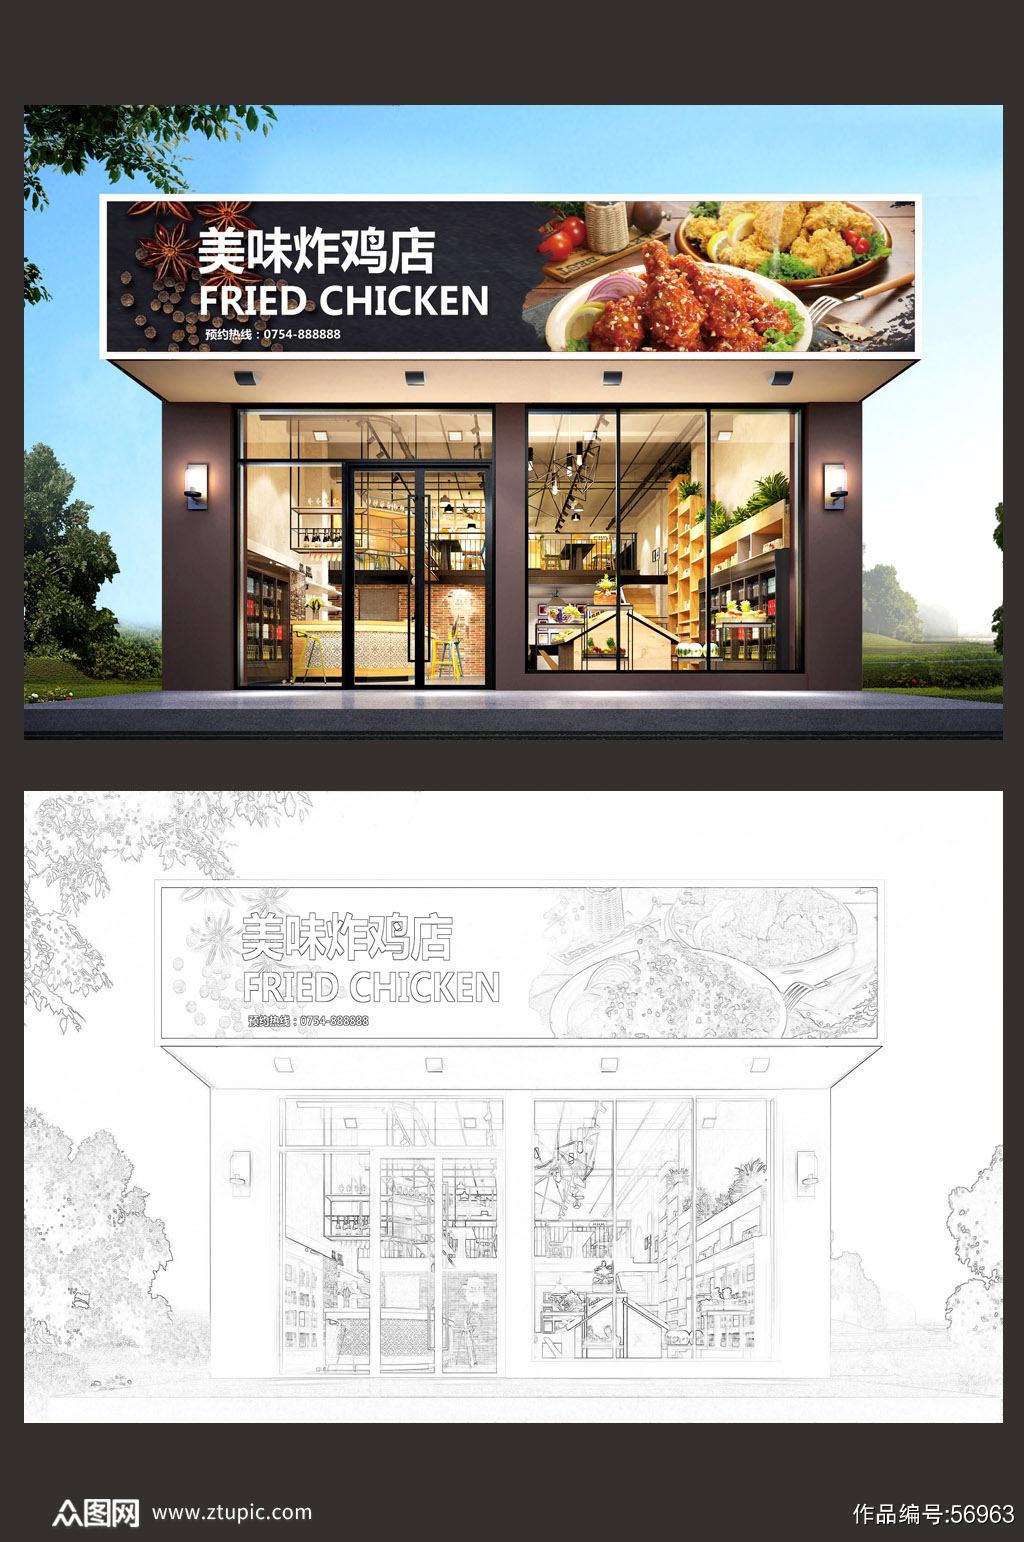 炸鸡汉堡店门头设计素材